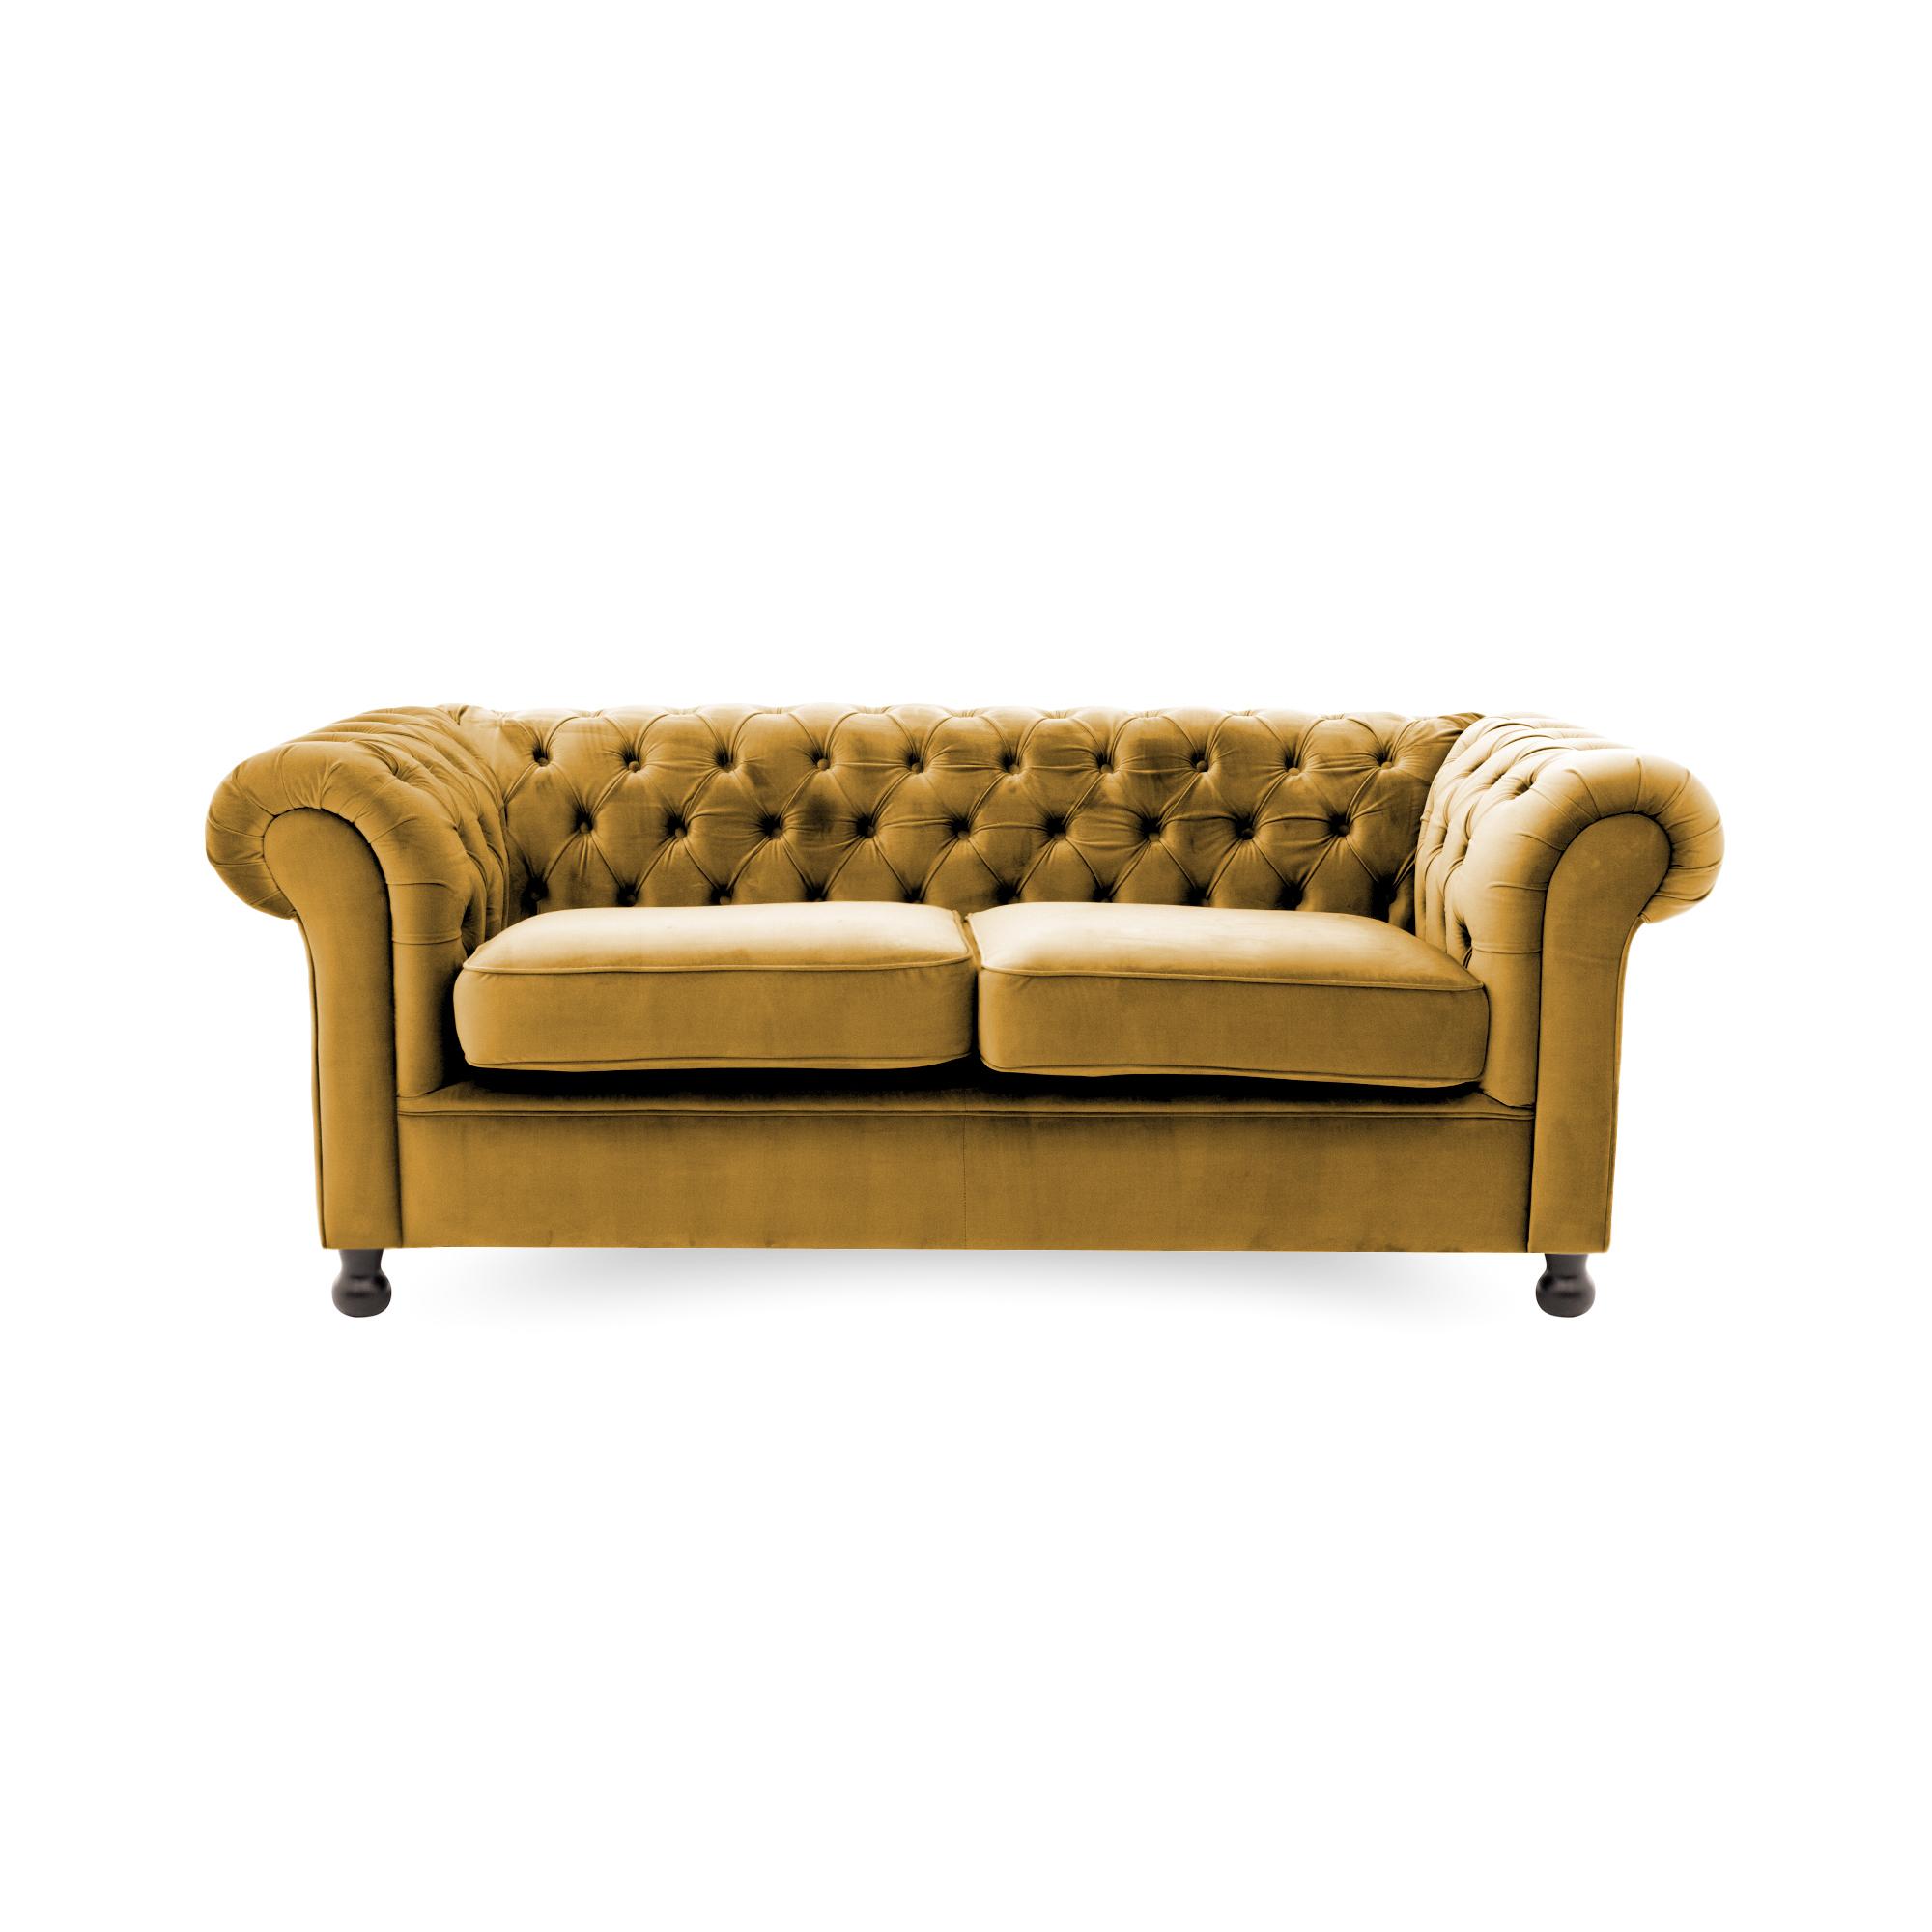 Canapea Fixa 3 locuri Chesterfield Mustard